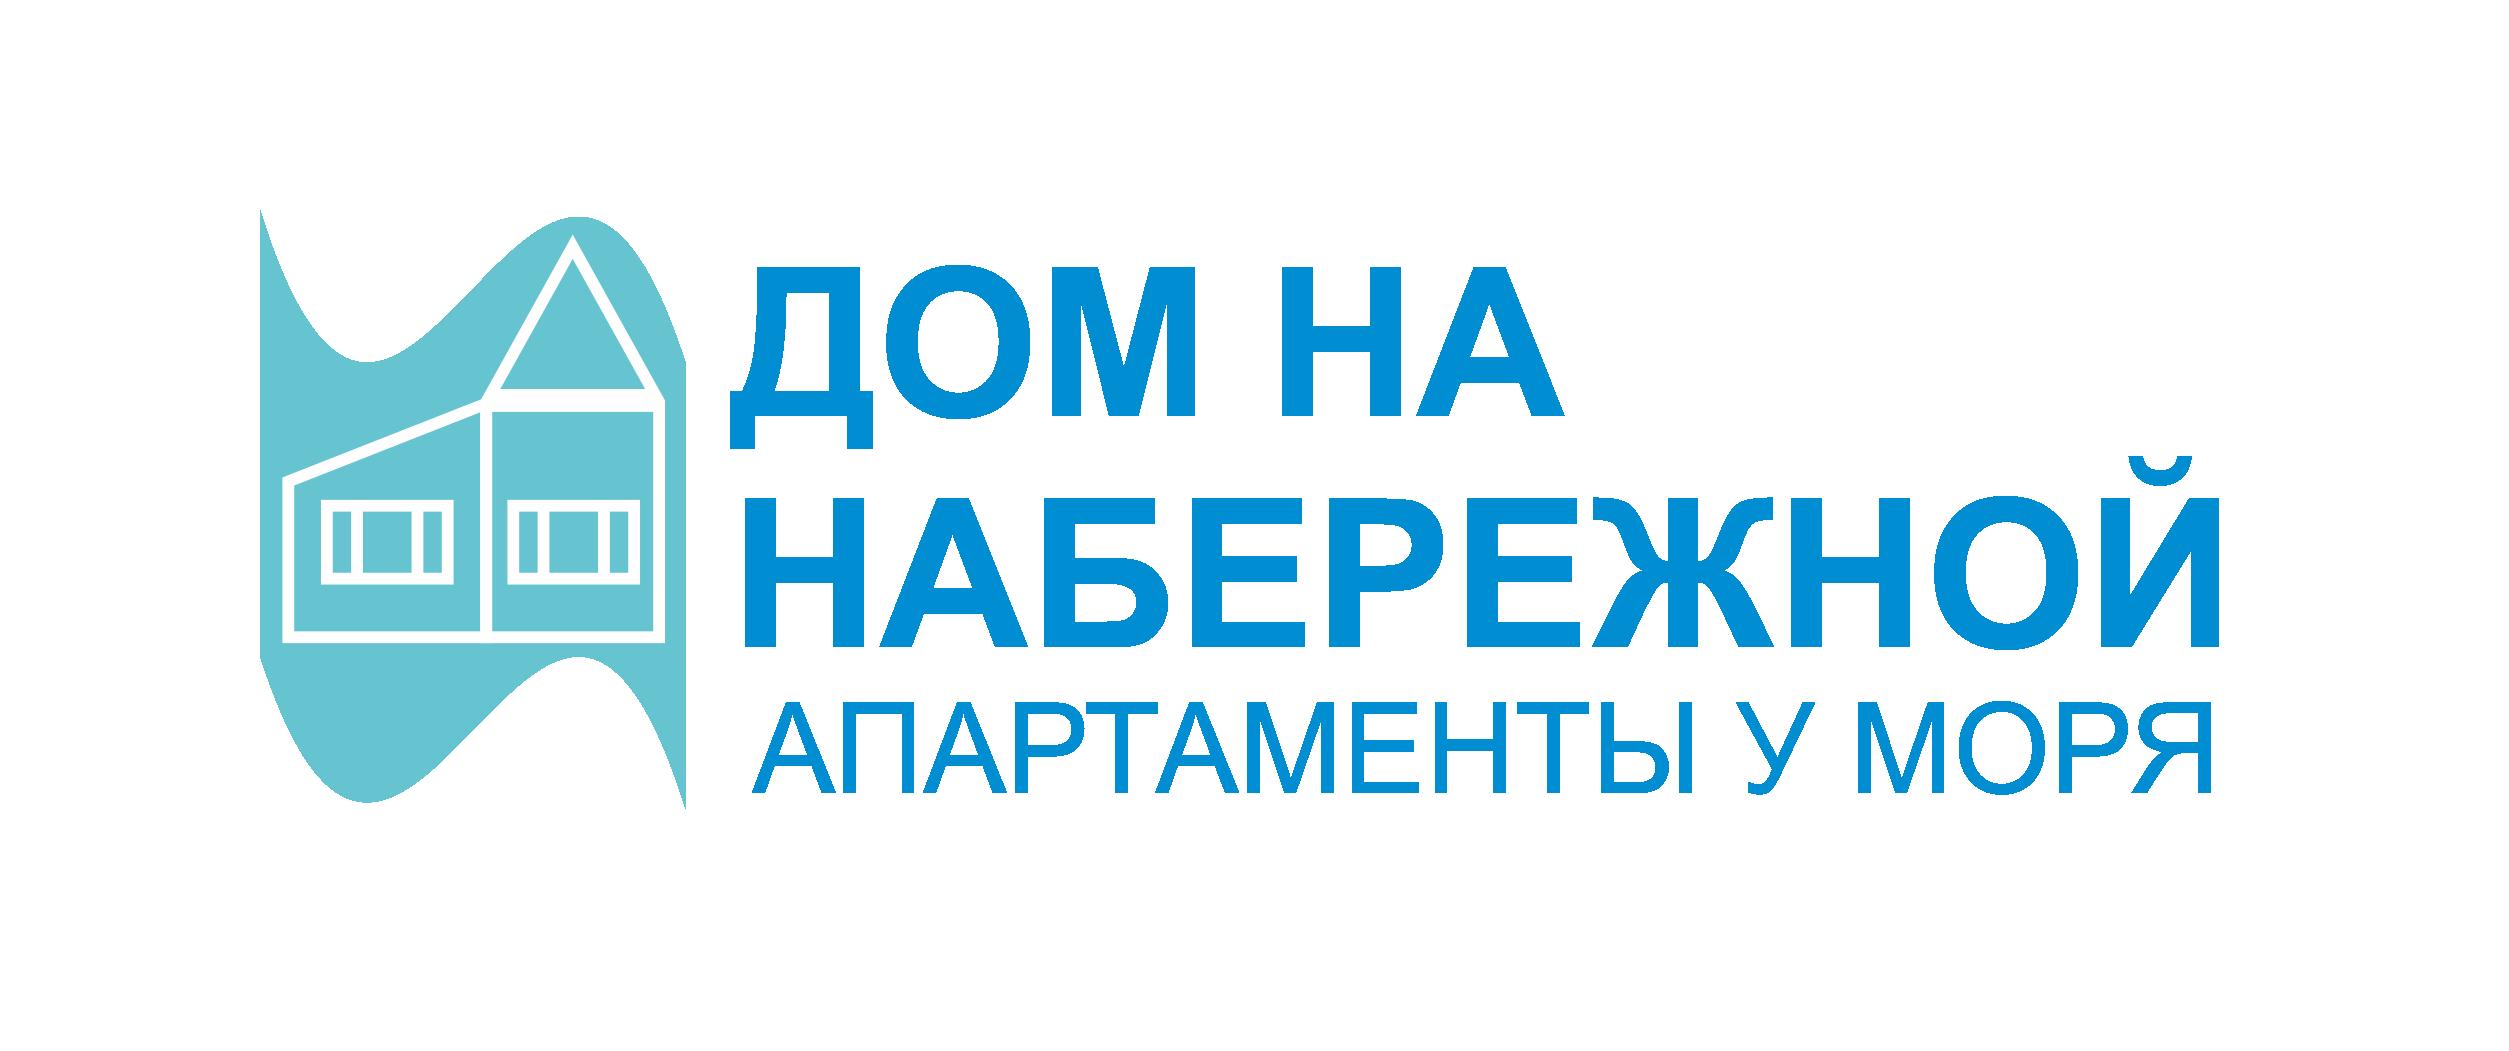 РАЗРАБОТКА логотипа для ЖИЛОГО КОМПЛЕКСА премиум В АНАПЕ.  фото f_4435de771d30fcce.png